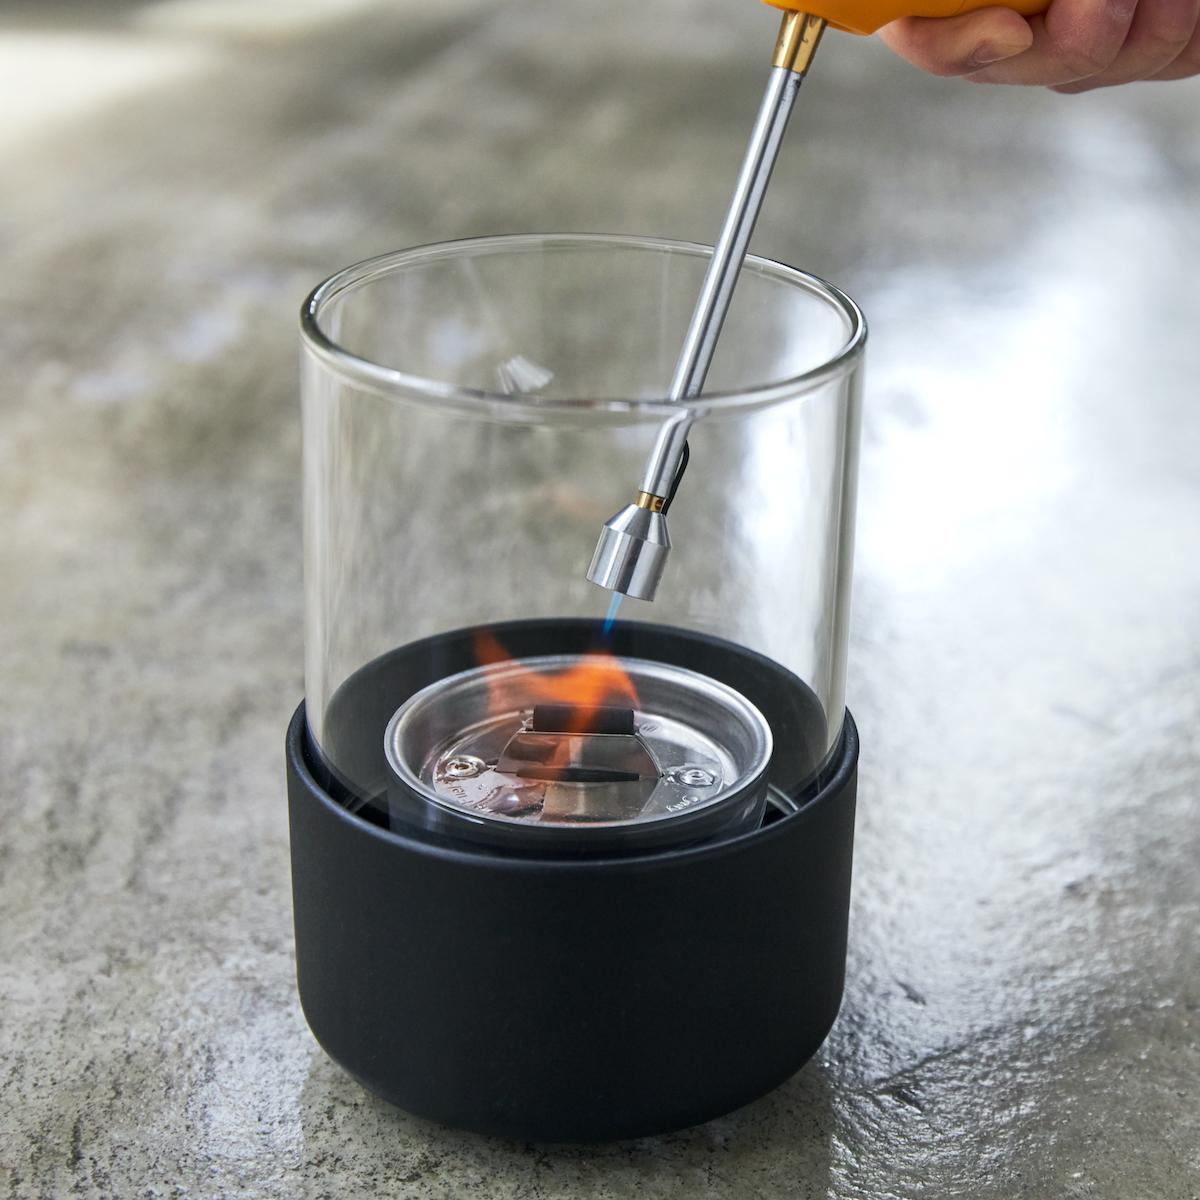 あなたの家のダイニングテーブルで焚き火気分が味わえます。ニオイや煙が出ず、倒しても安心の特殊燃料で手軽に楽しめる!「卓上ランプ、テーブルライト」 LOVINFLAME(ラヴィンフレーム)